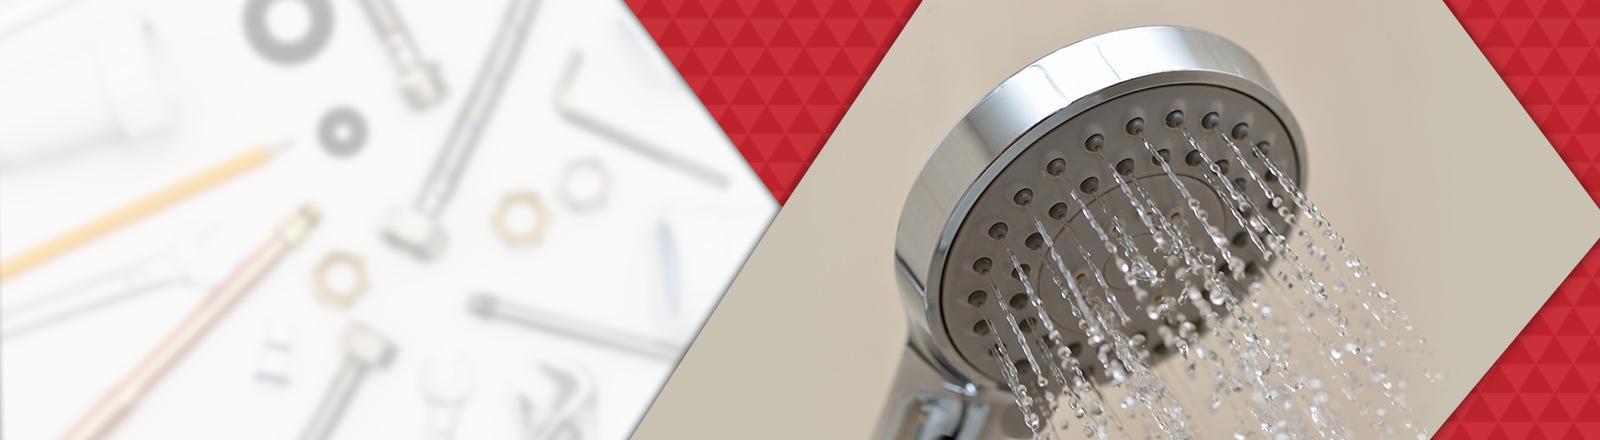 Shower Pressure Adjustment